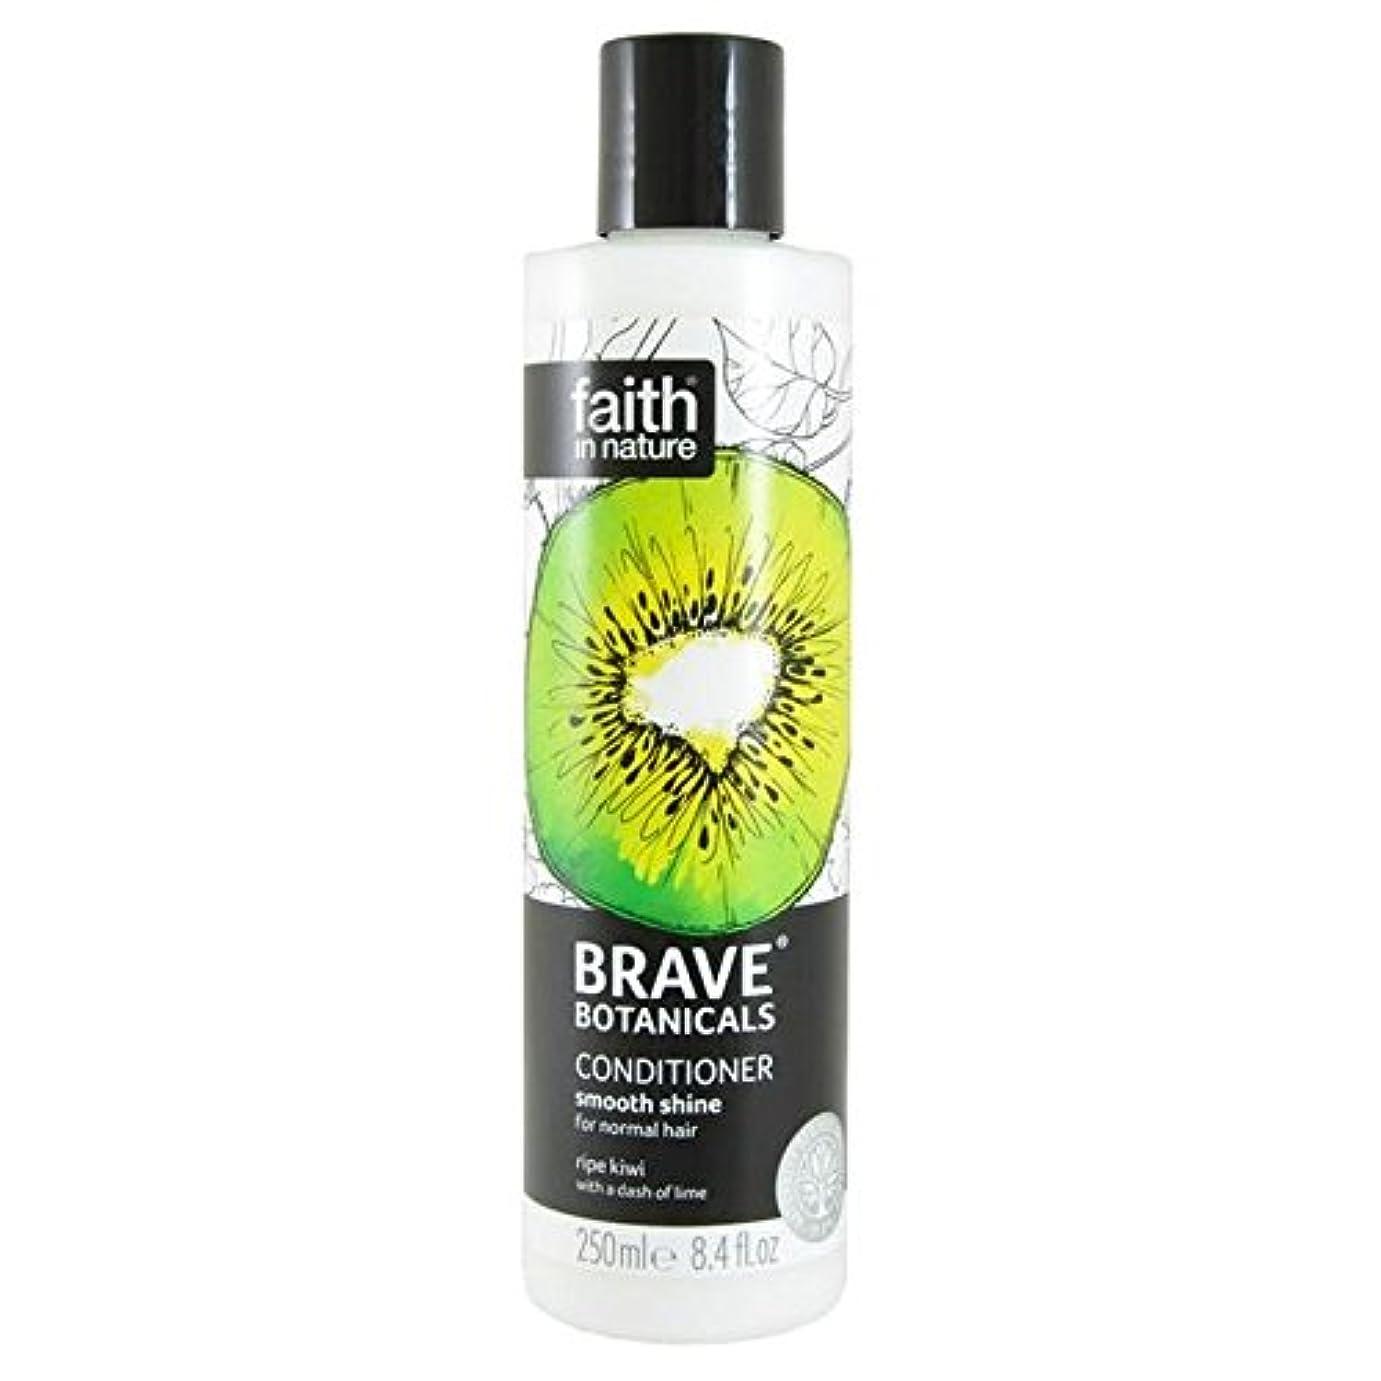 エレメンタル静かに機関車Brave Botanicals Kiwi & Lime Smooth Shine Conditioner 250ml (Pack of 6) - (Faith In Nature) 勇敢な植物キウイ&ライムなめらかな輝...